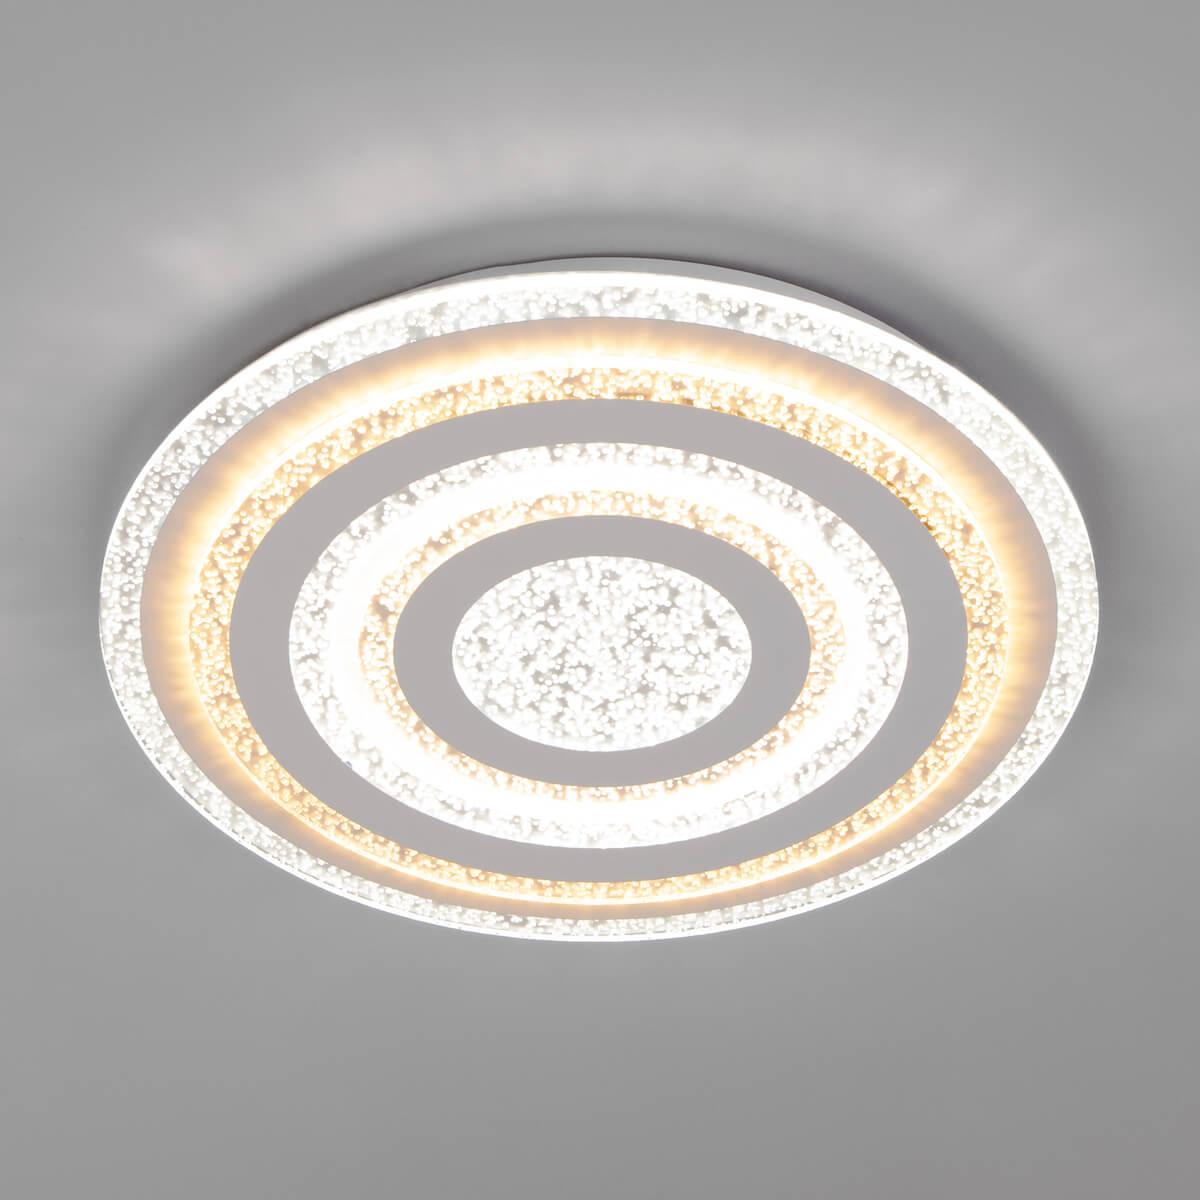 Светильник Eurosvet 90161/1 белый Puff